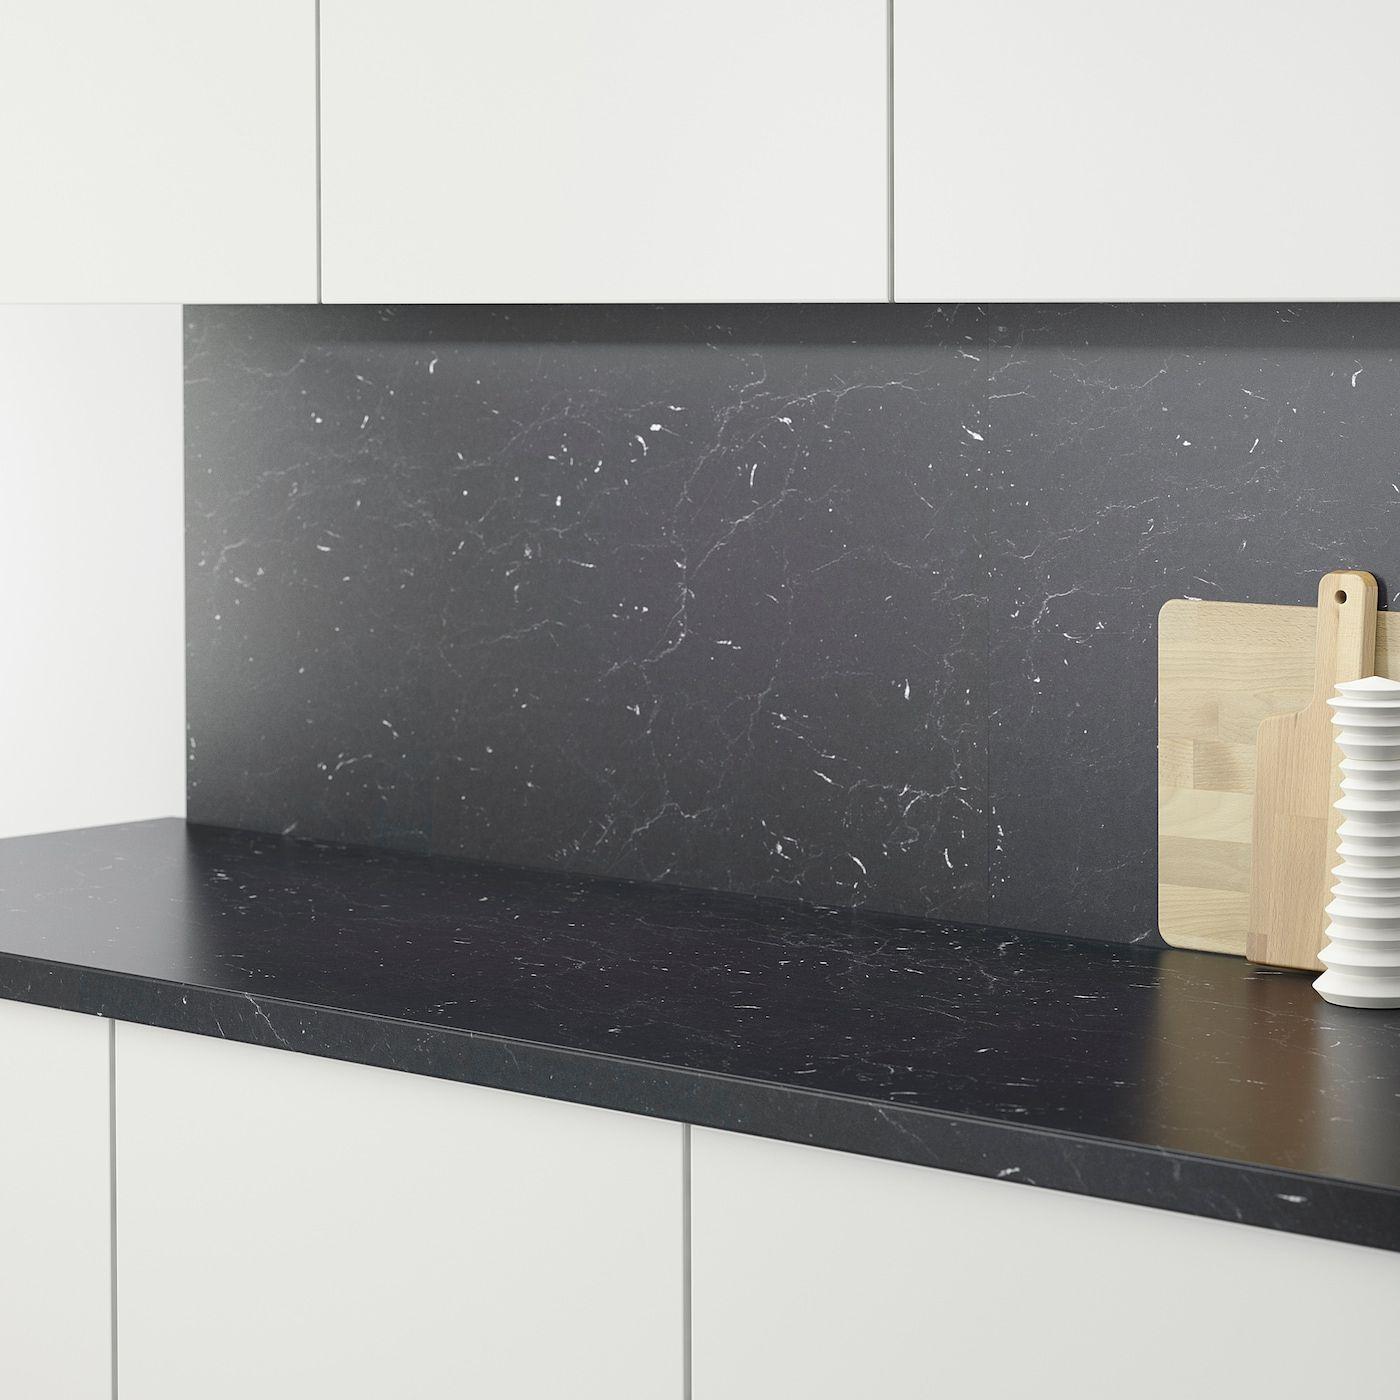 Saljan Arbeitsplatte Schwarz Marmoriert Laminat Ikea Osterreich In 2020 Countertops Marble Countertops Kitchen Black Marble Countertops